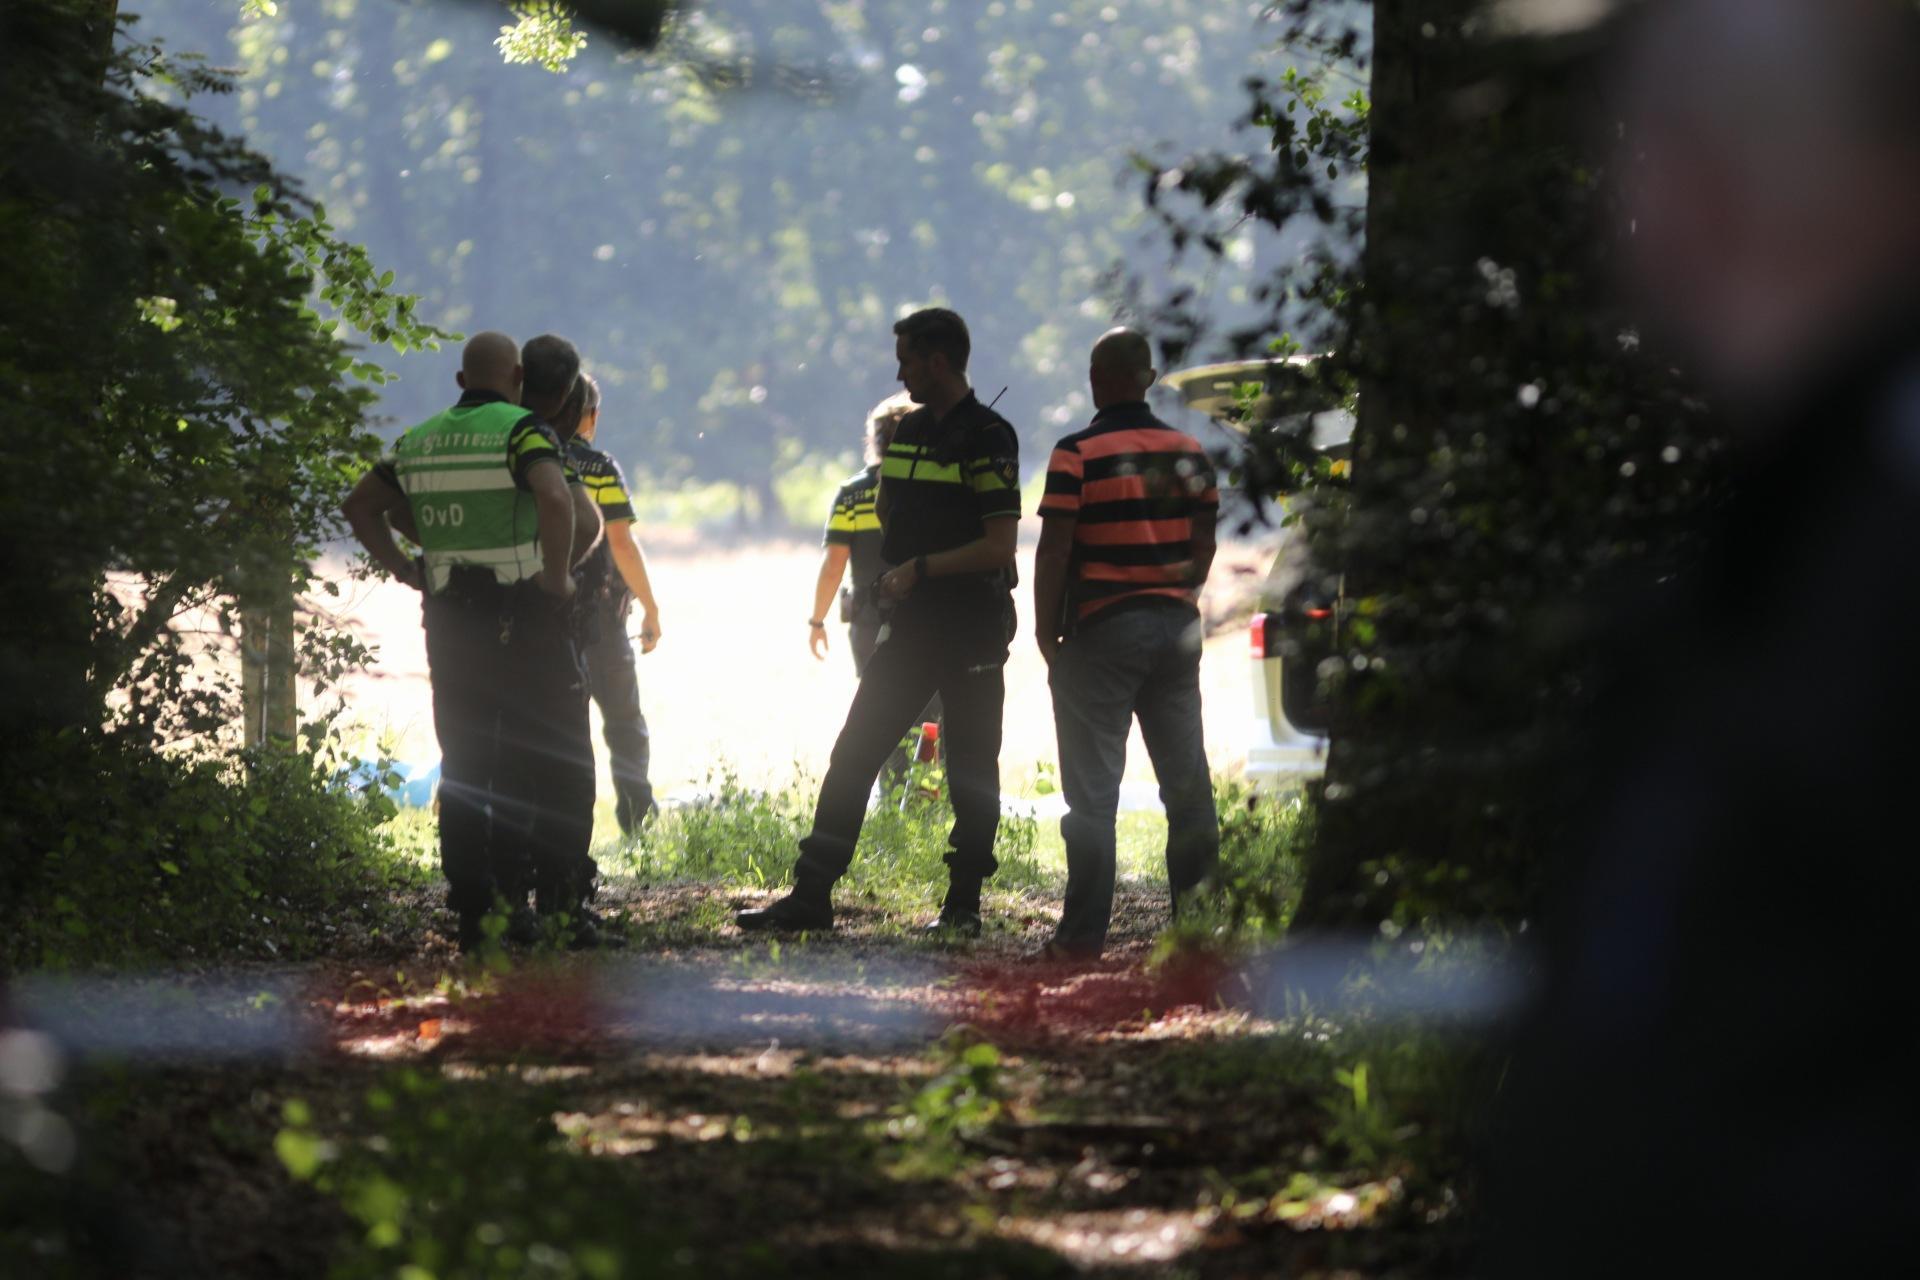 Politie schiet verdachte neer op Beresteinseweg in Hilversum